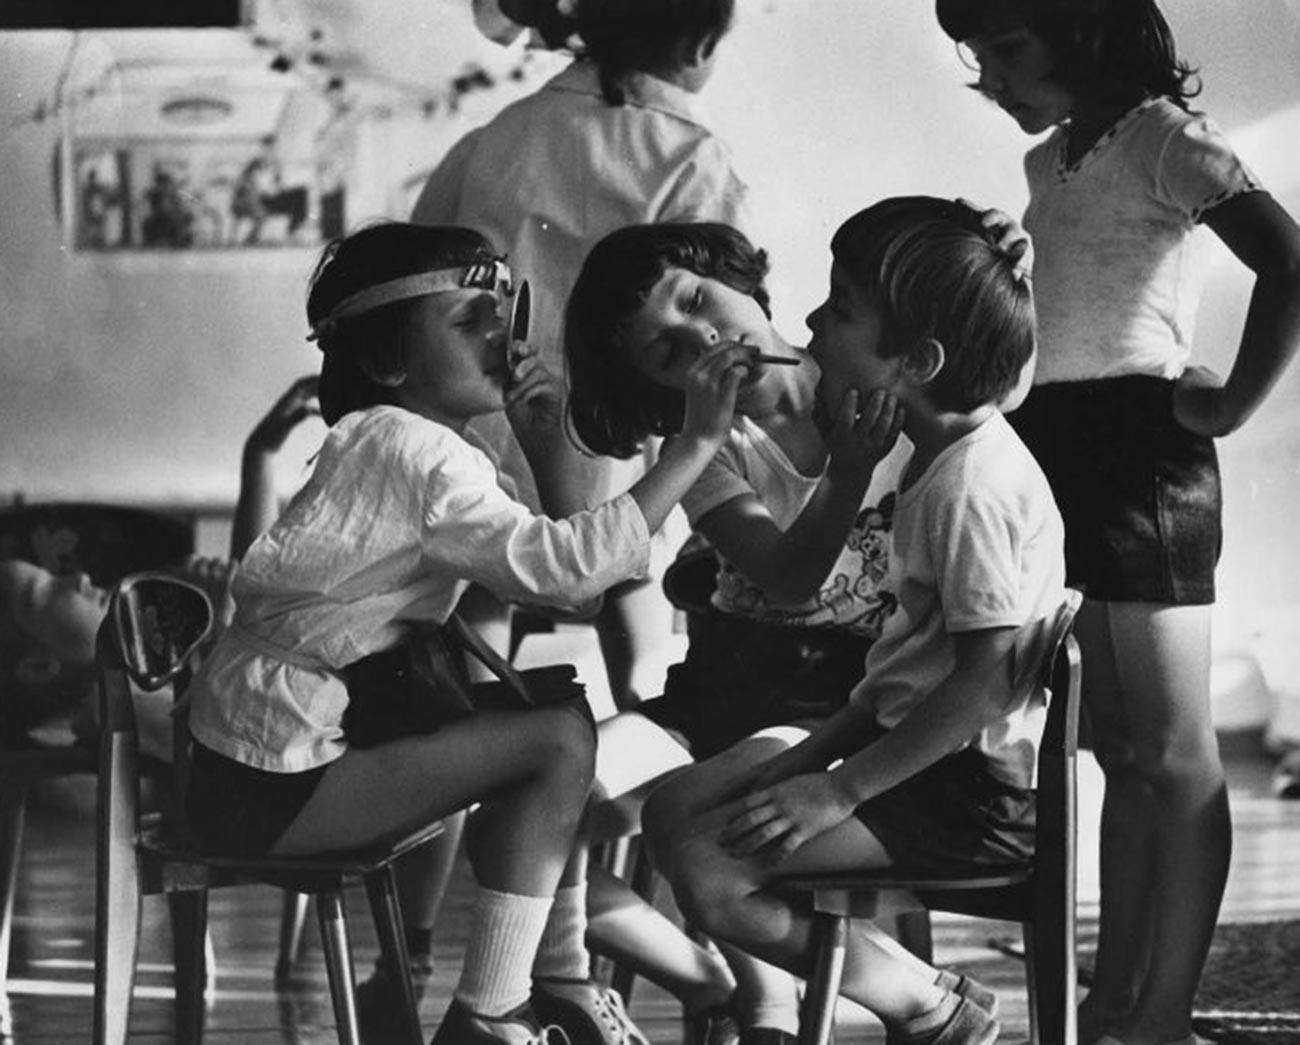 Деца си играат забар во градинка, 1985 година.